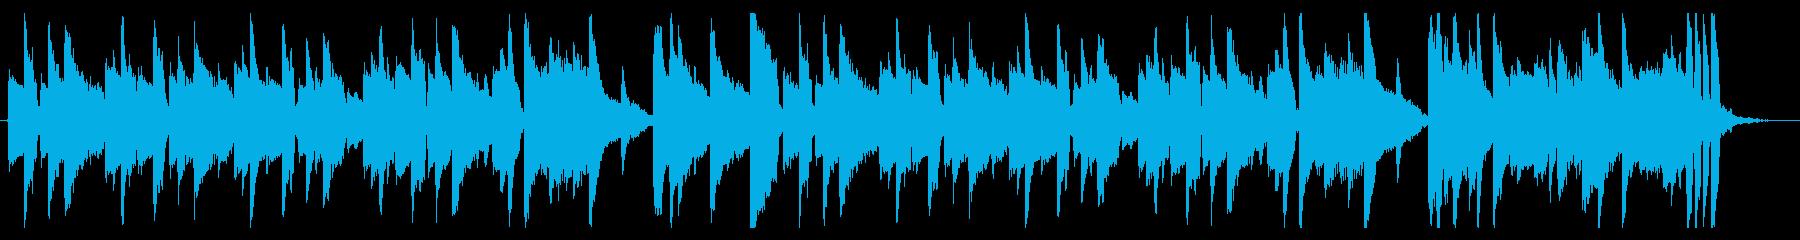 説明や日常に使えるシンプルなピアノ曲の再生済みの波形